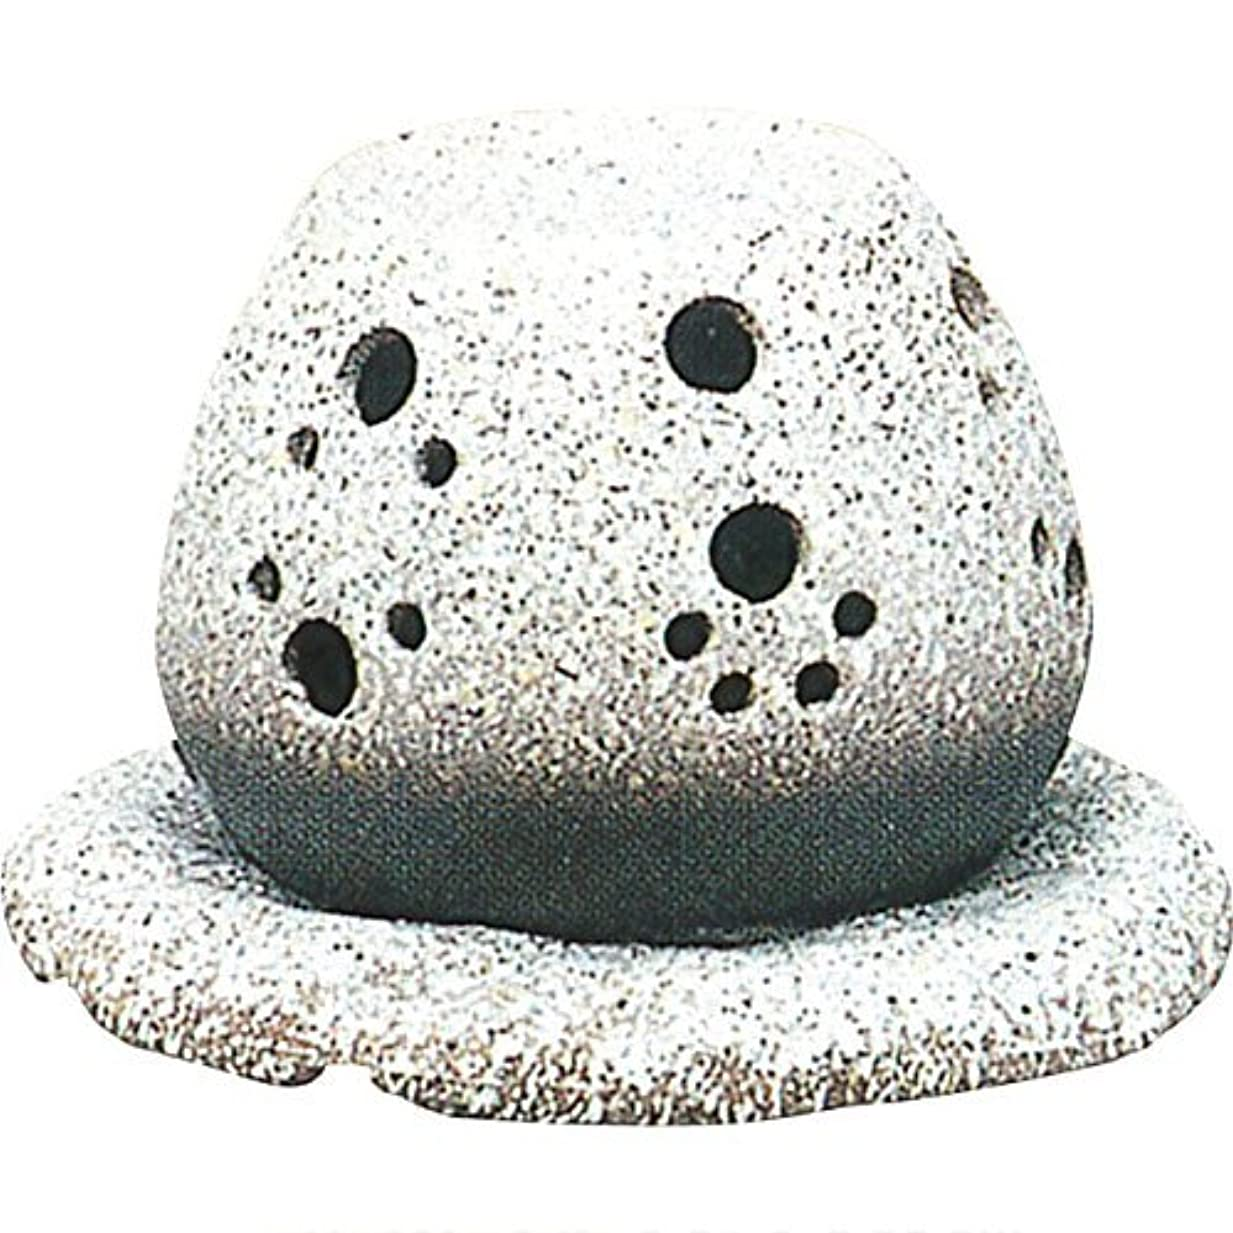 微弱個性キャッシュ常滑焼 ?40-05 茶香炉山房窯  白皿付    14.5×15.5×10